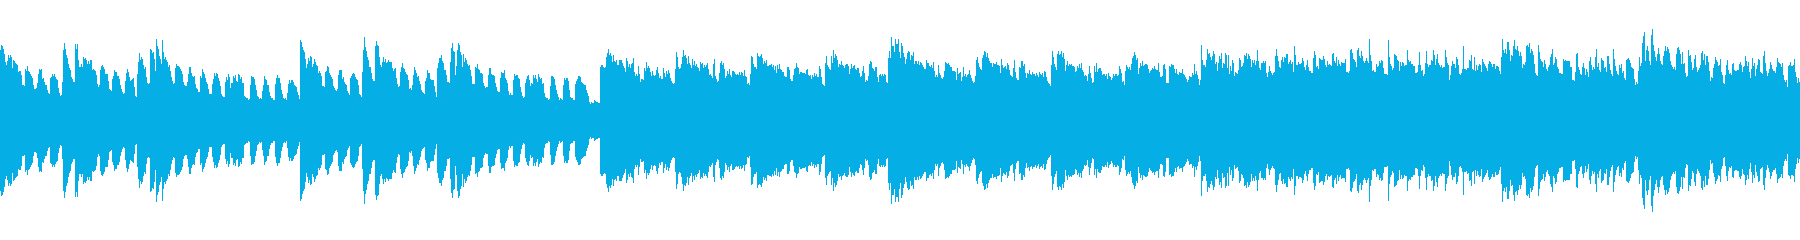 3拍子の激しい戦闘用チップチューンの再生済みの波形